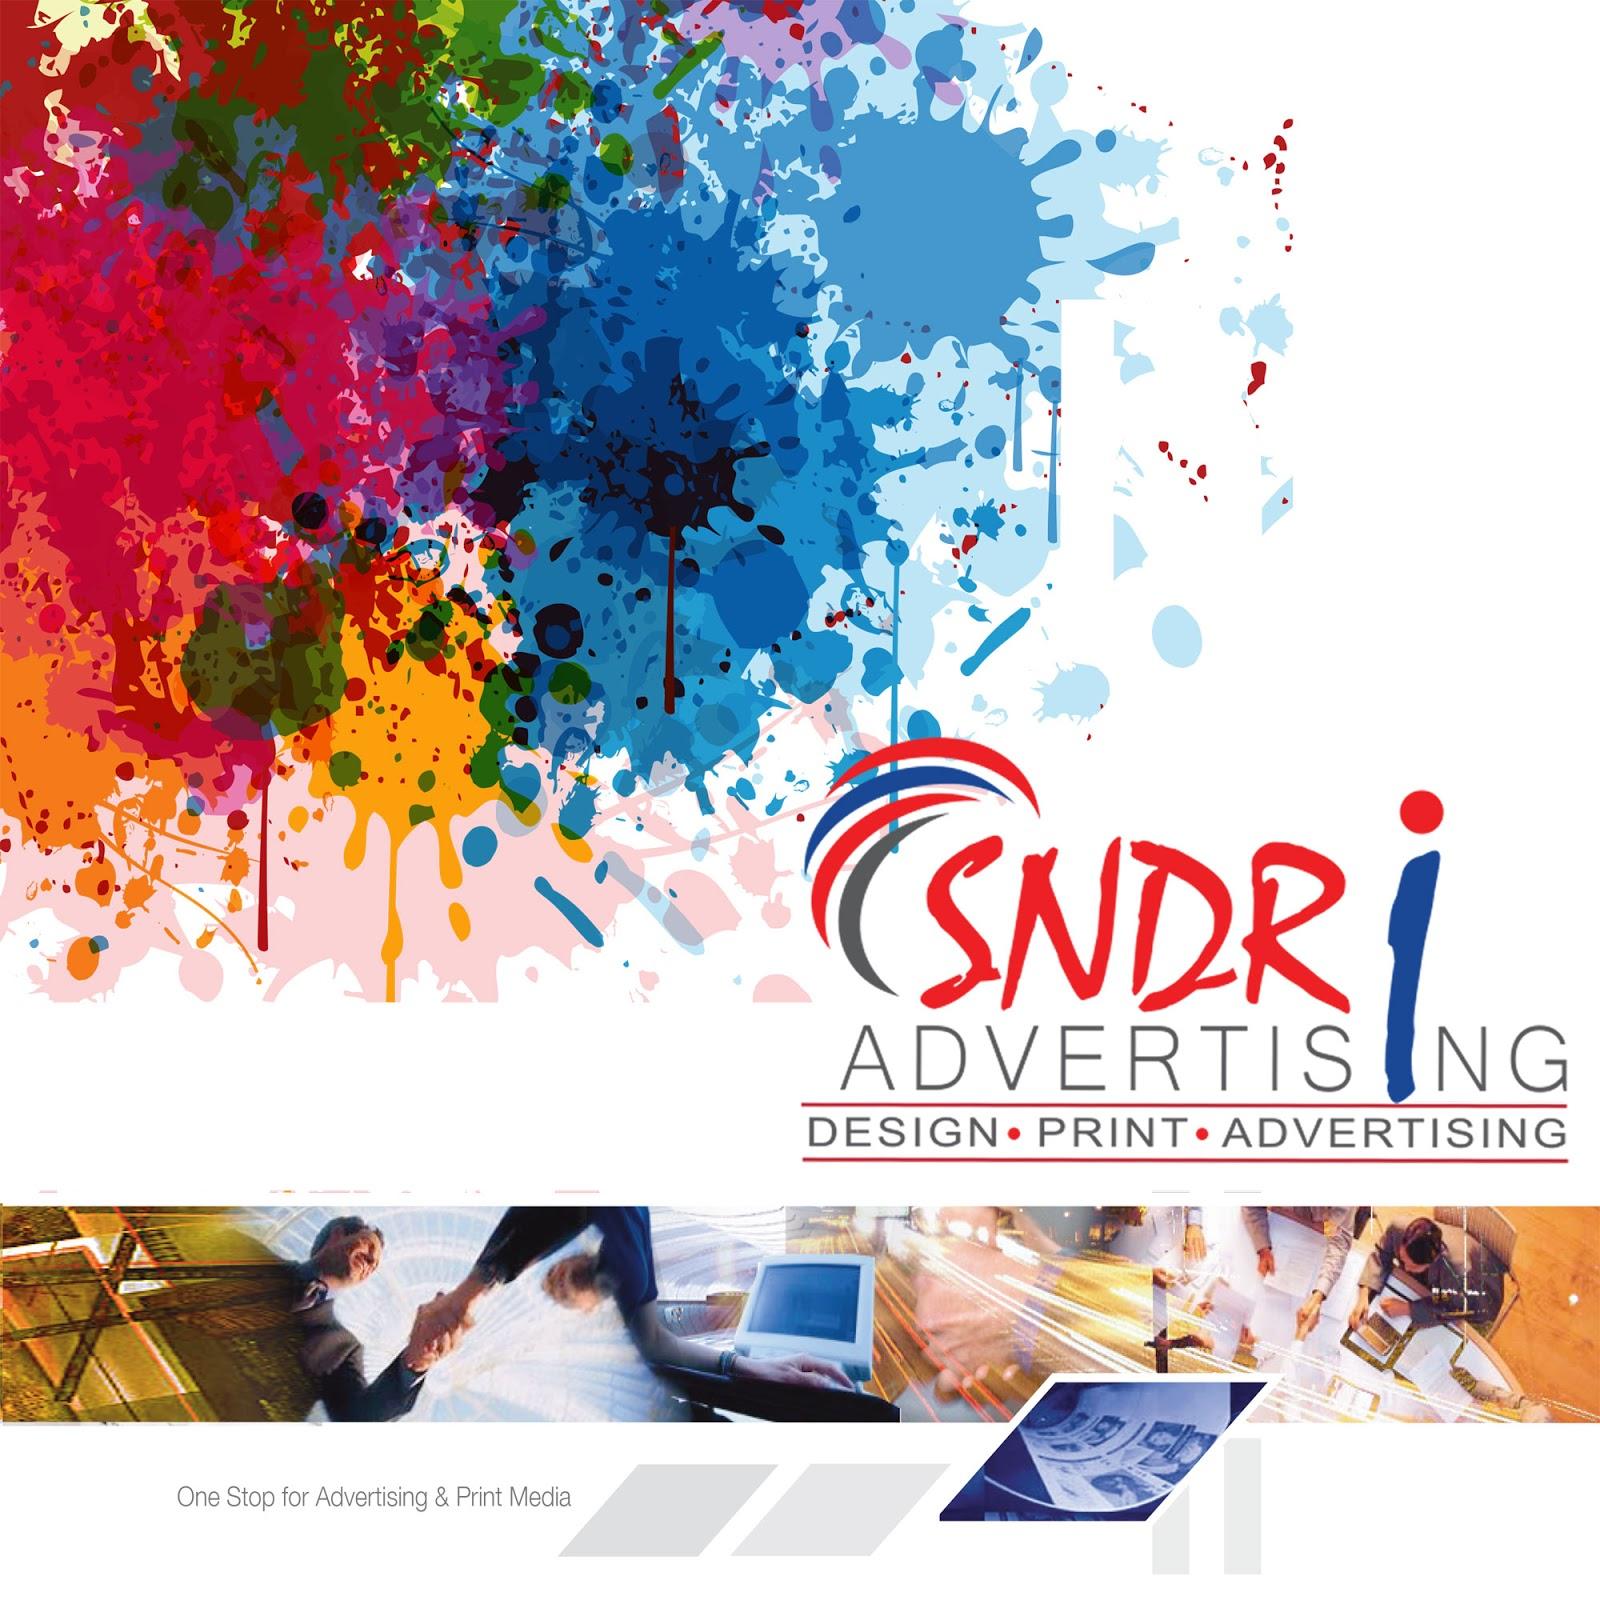 sndri advertising agency سندرى وكالة إعلانات : september 2015